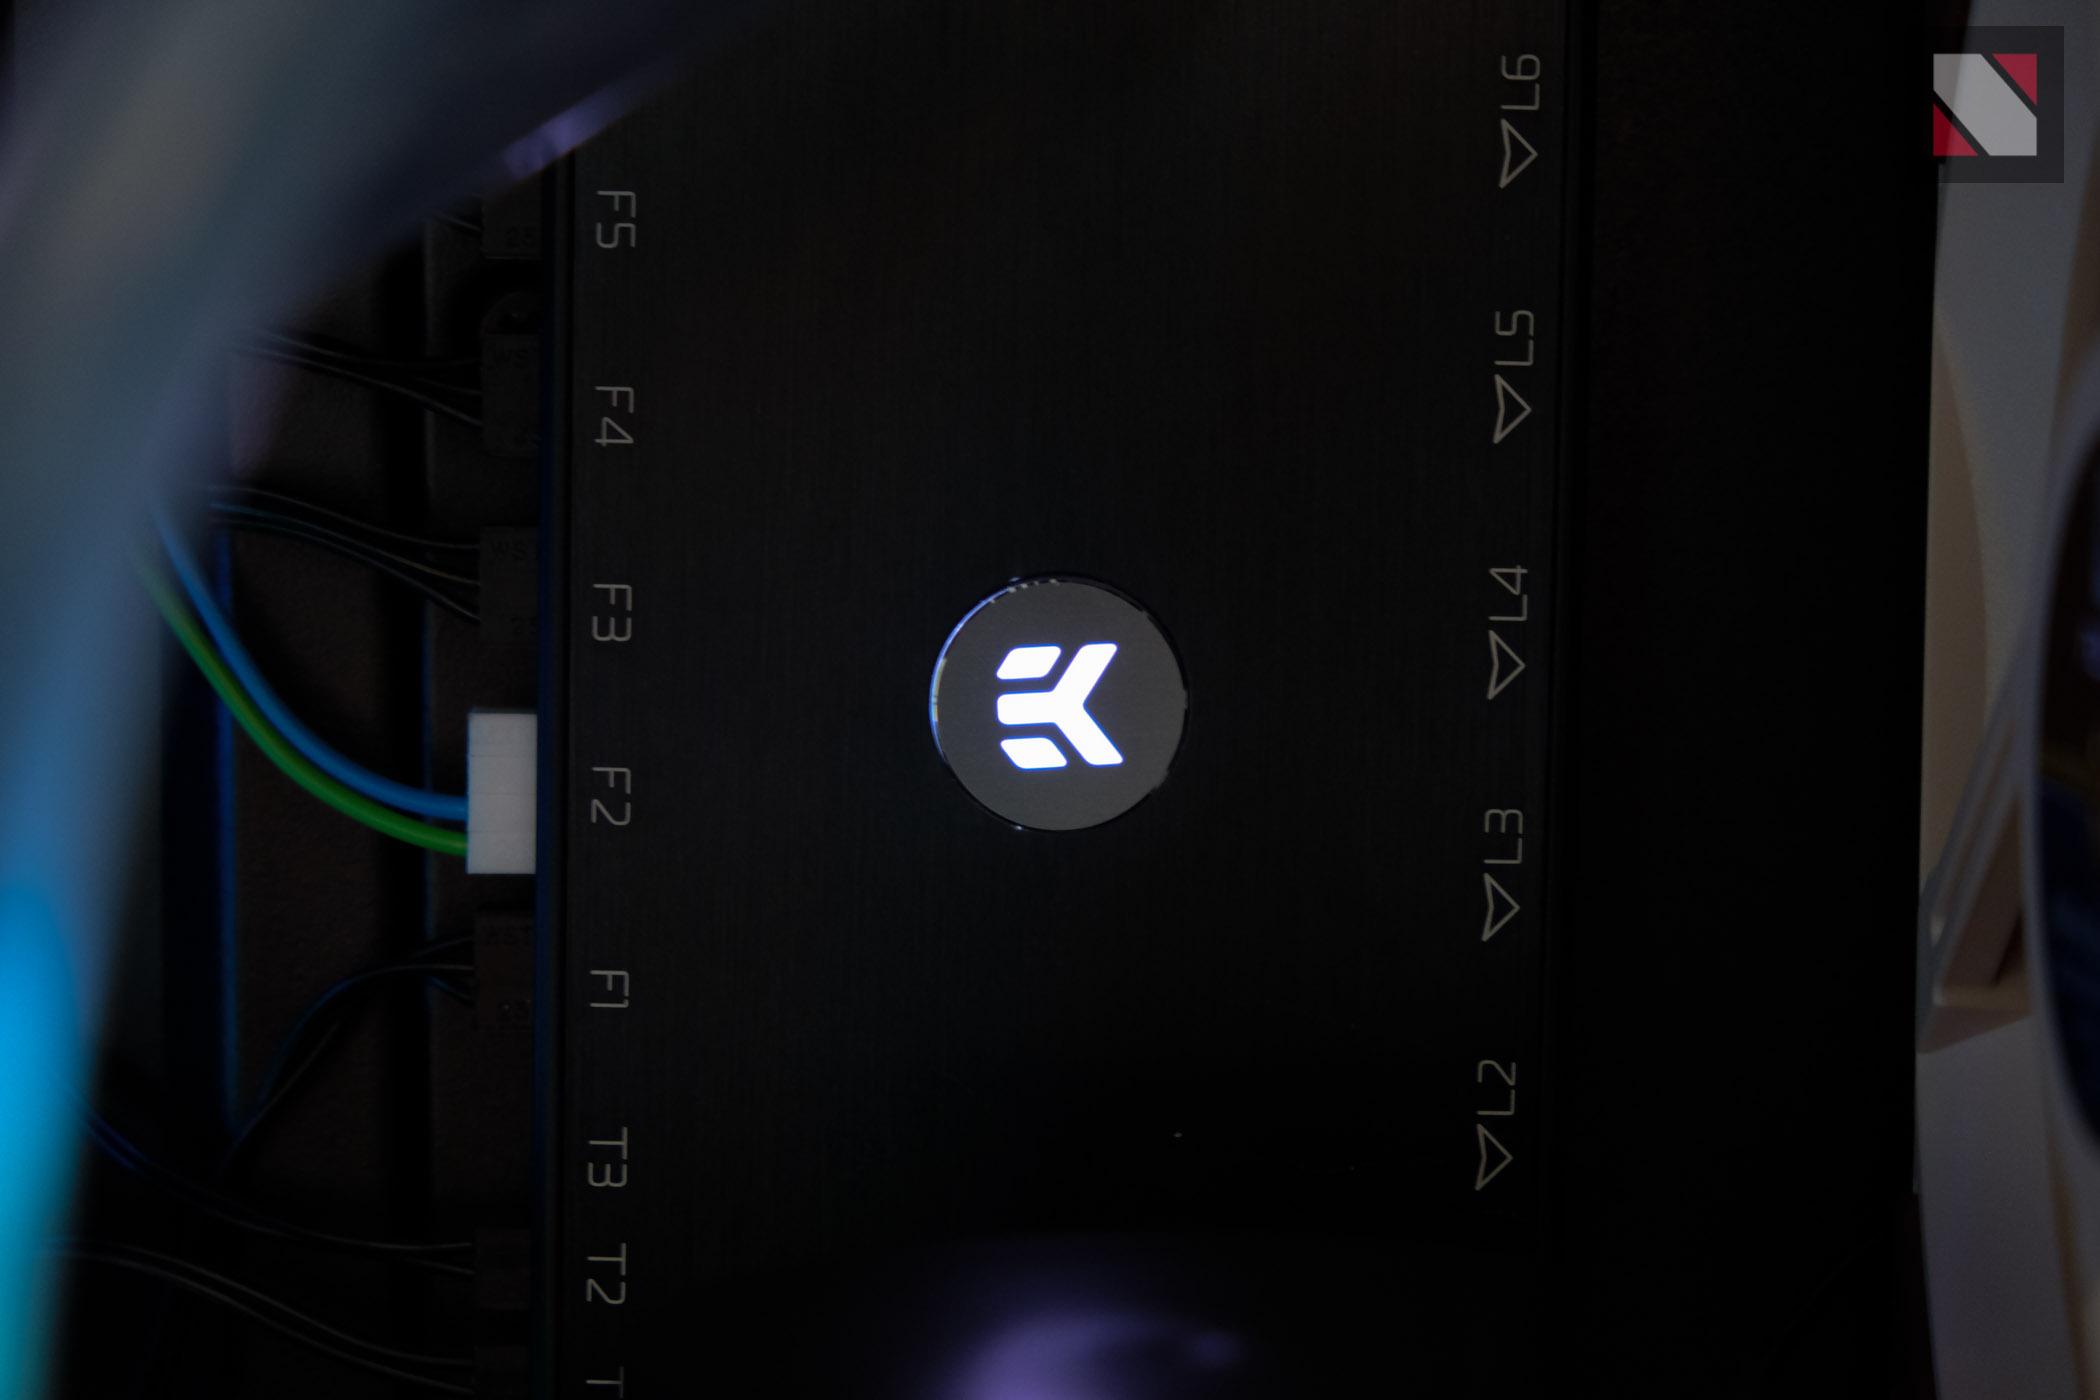 水冷PC制御装置 EKWBの EK-LOOP CONNECT 買ってみたよ!【レビュー】